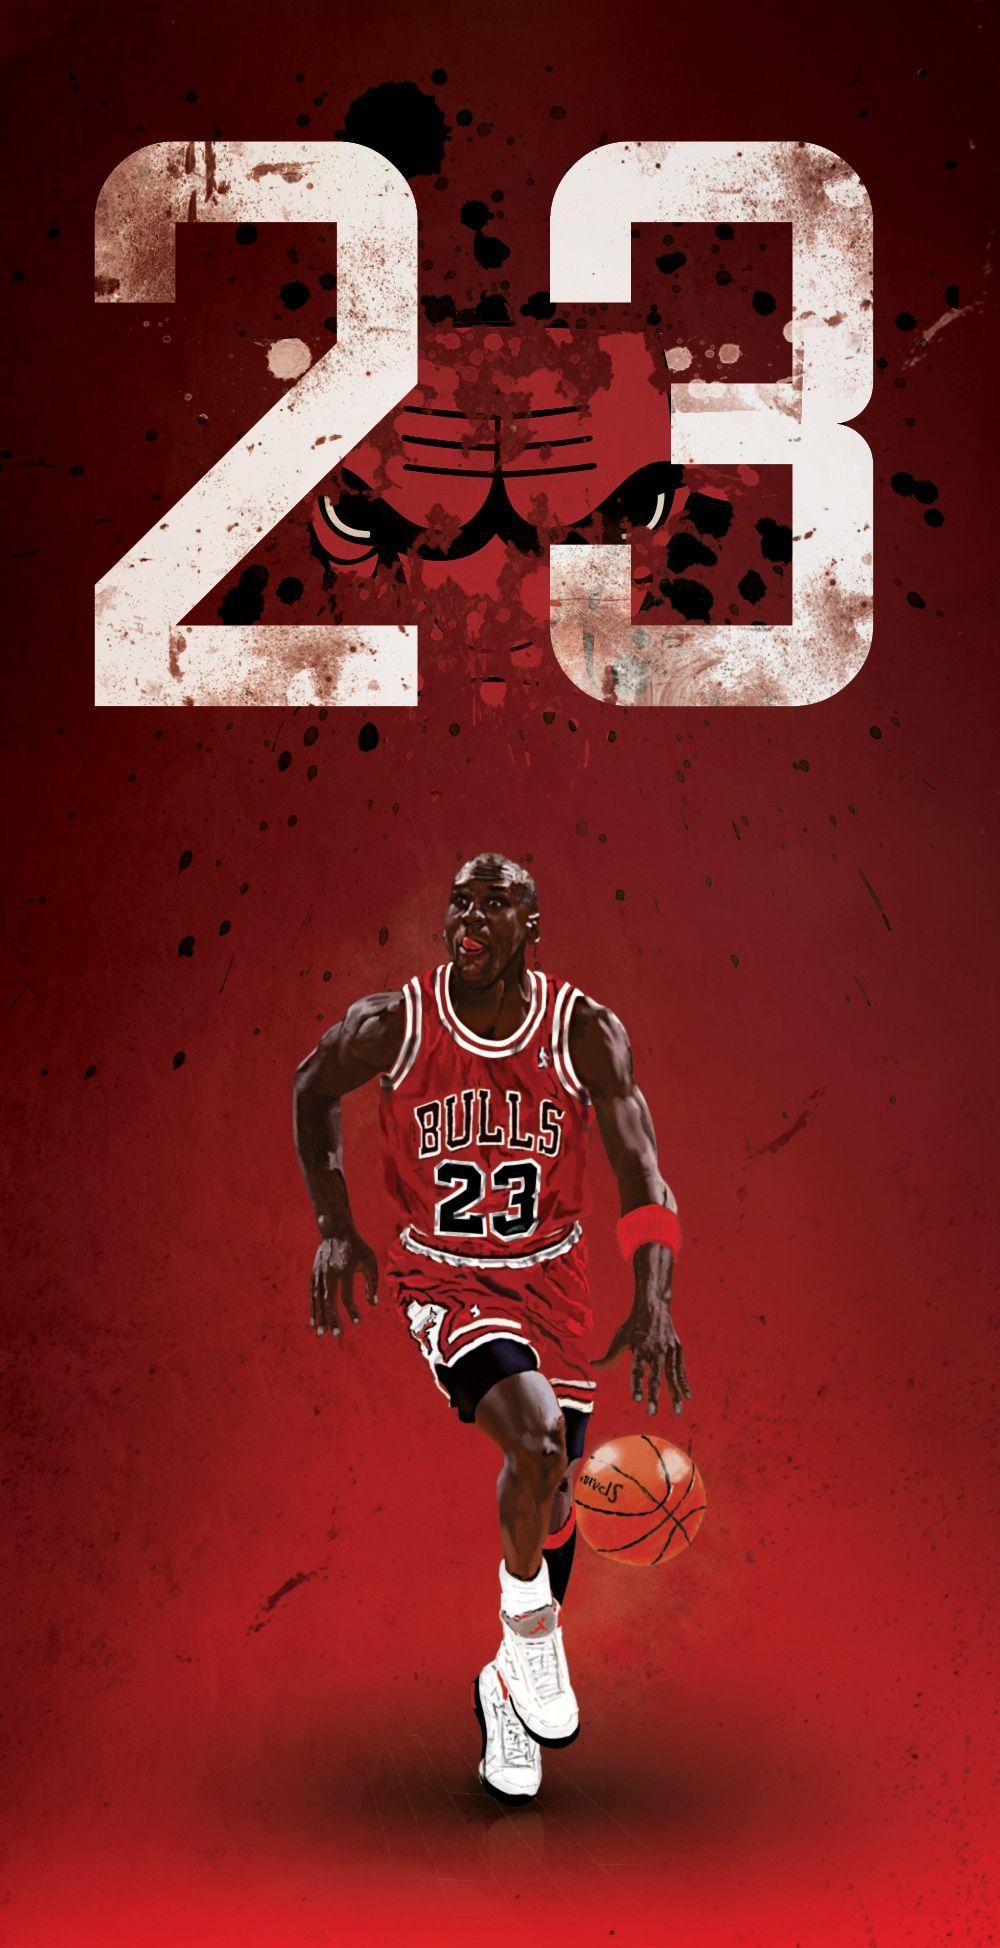 Michael jordan iphone wallpaper tumblr - Michael Jordan